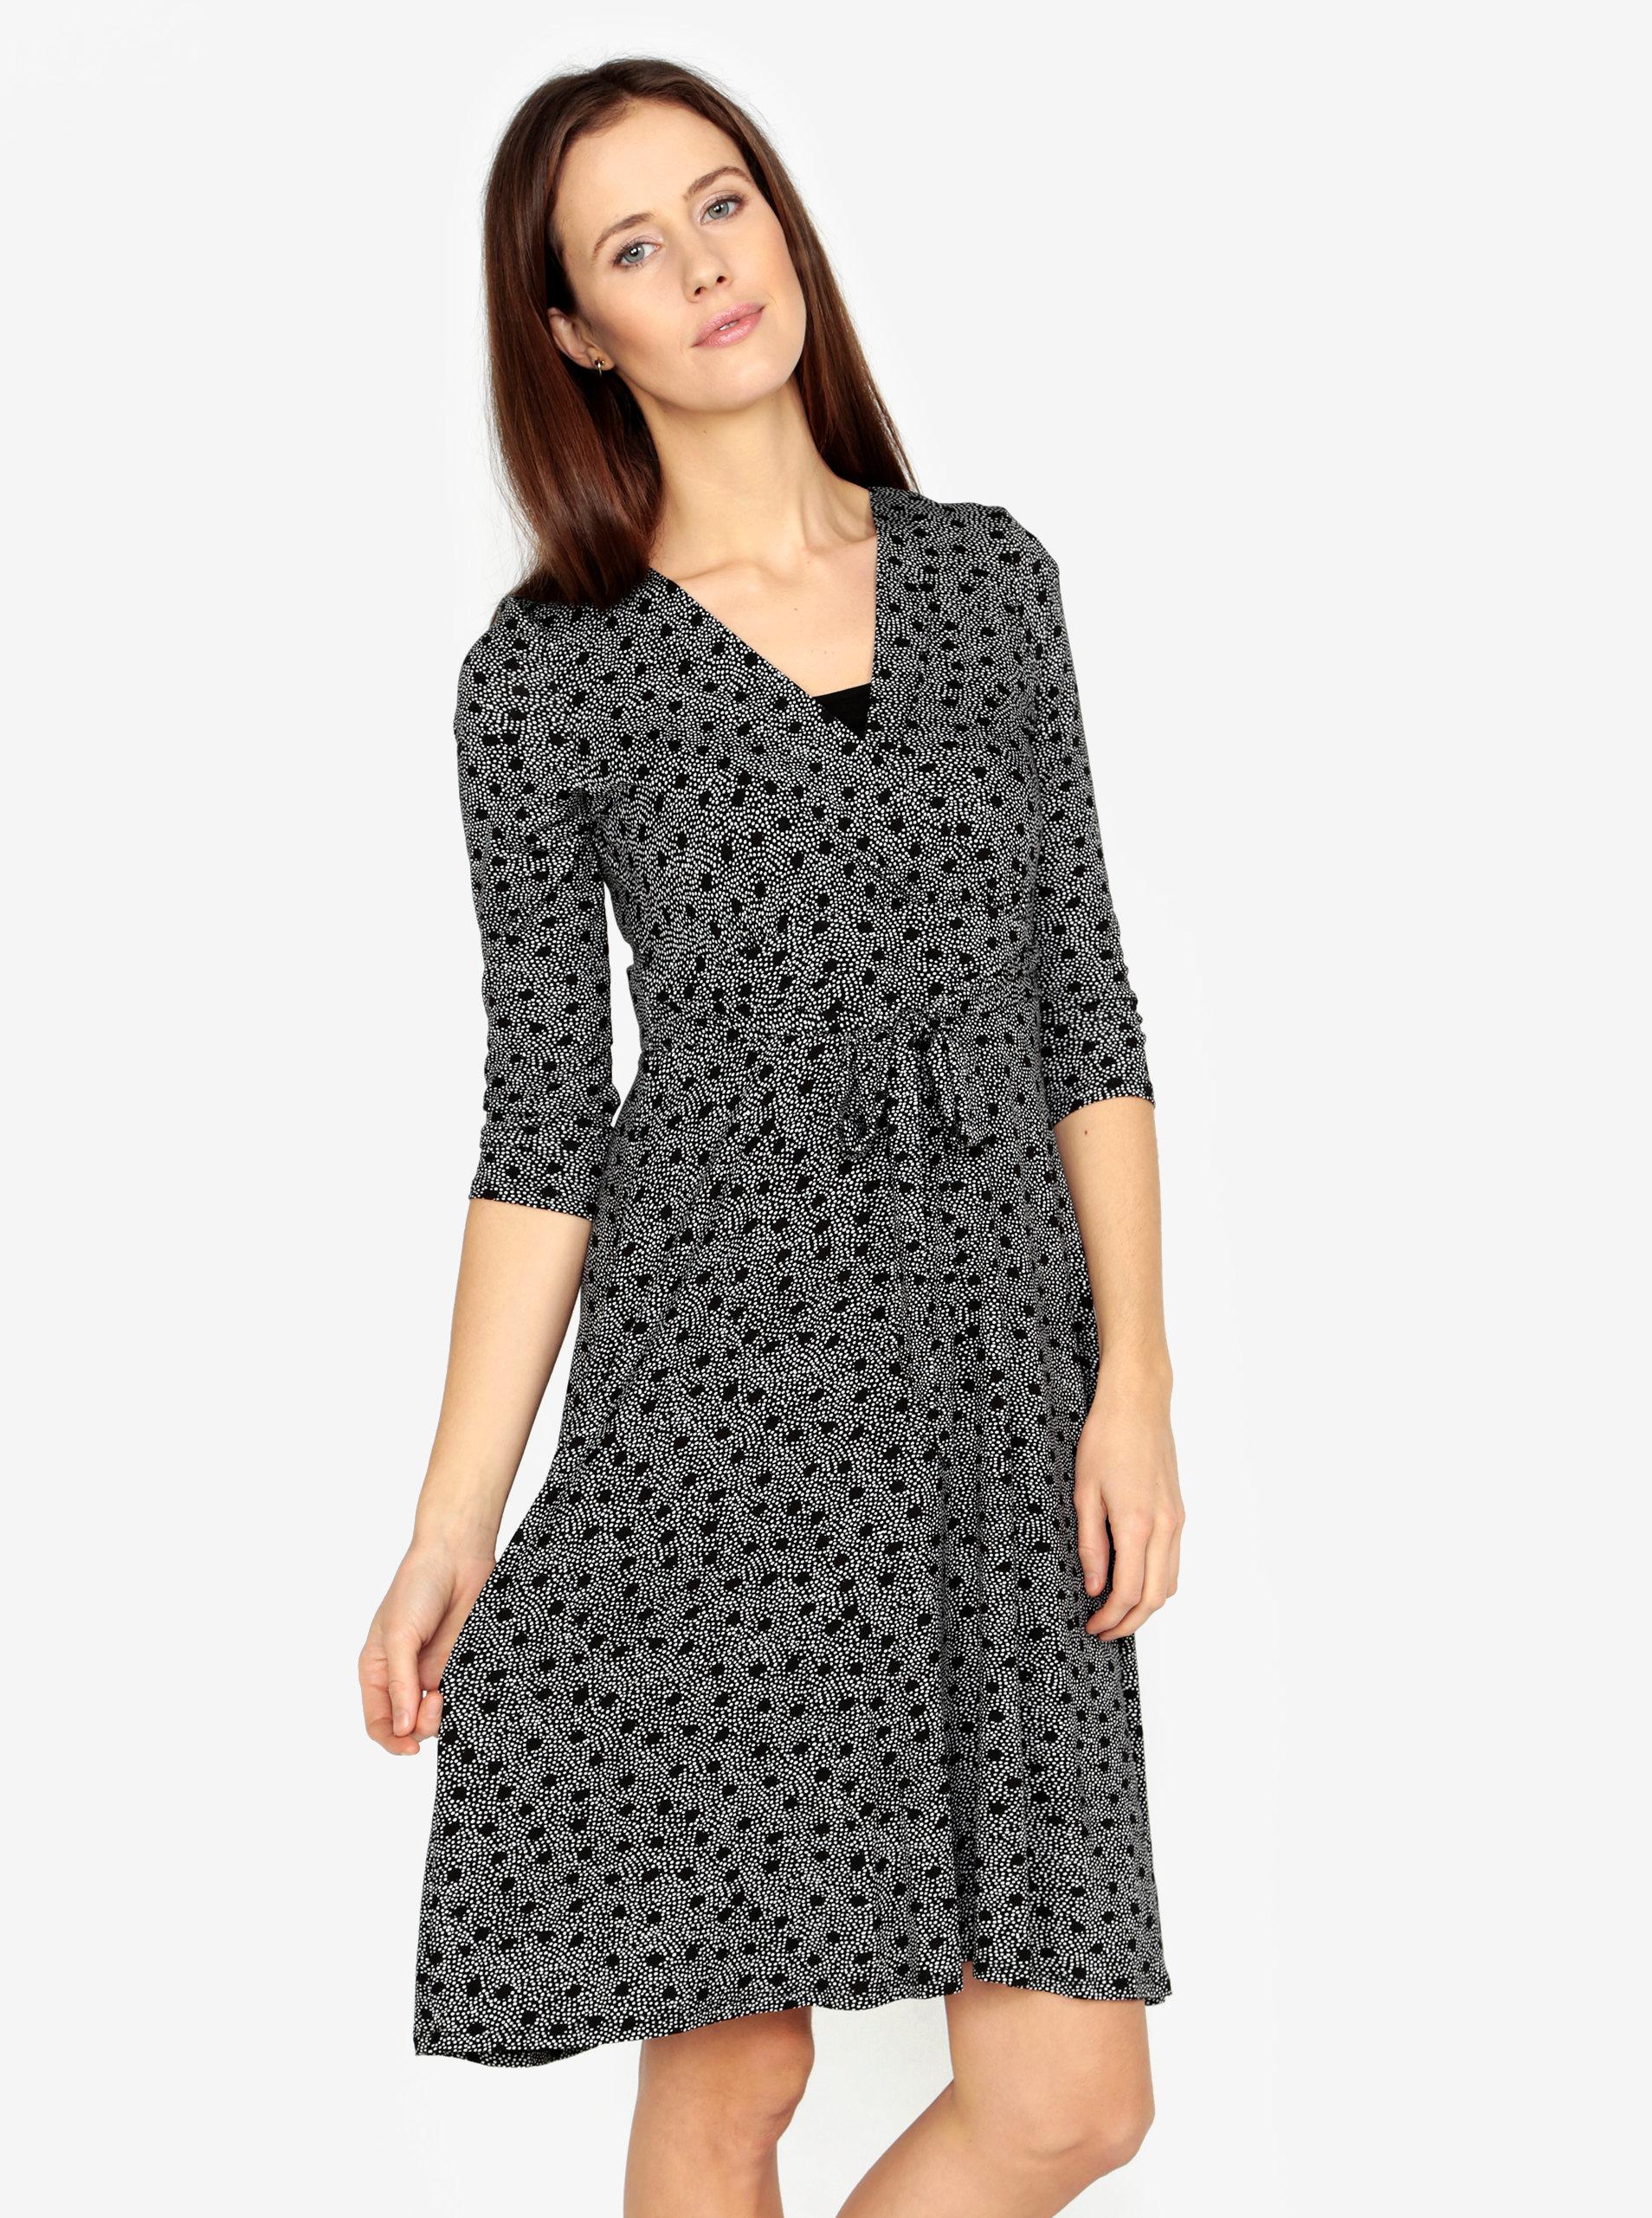 Bielo-čierne bodkované šaty s prekladaným výstrihom M Co ... 47bb6183317